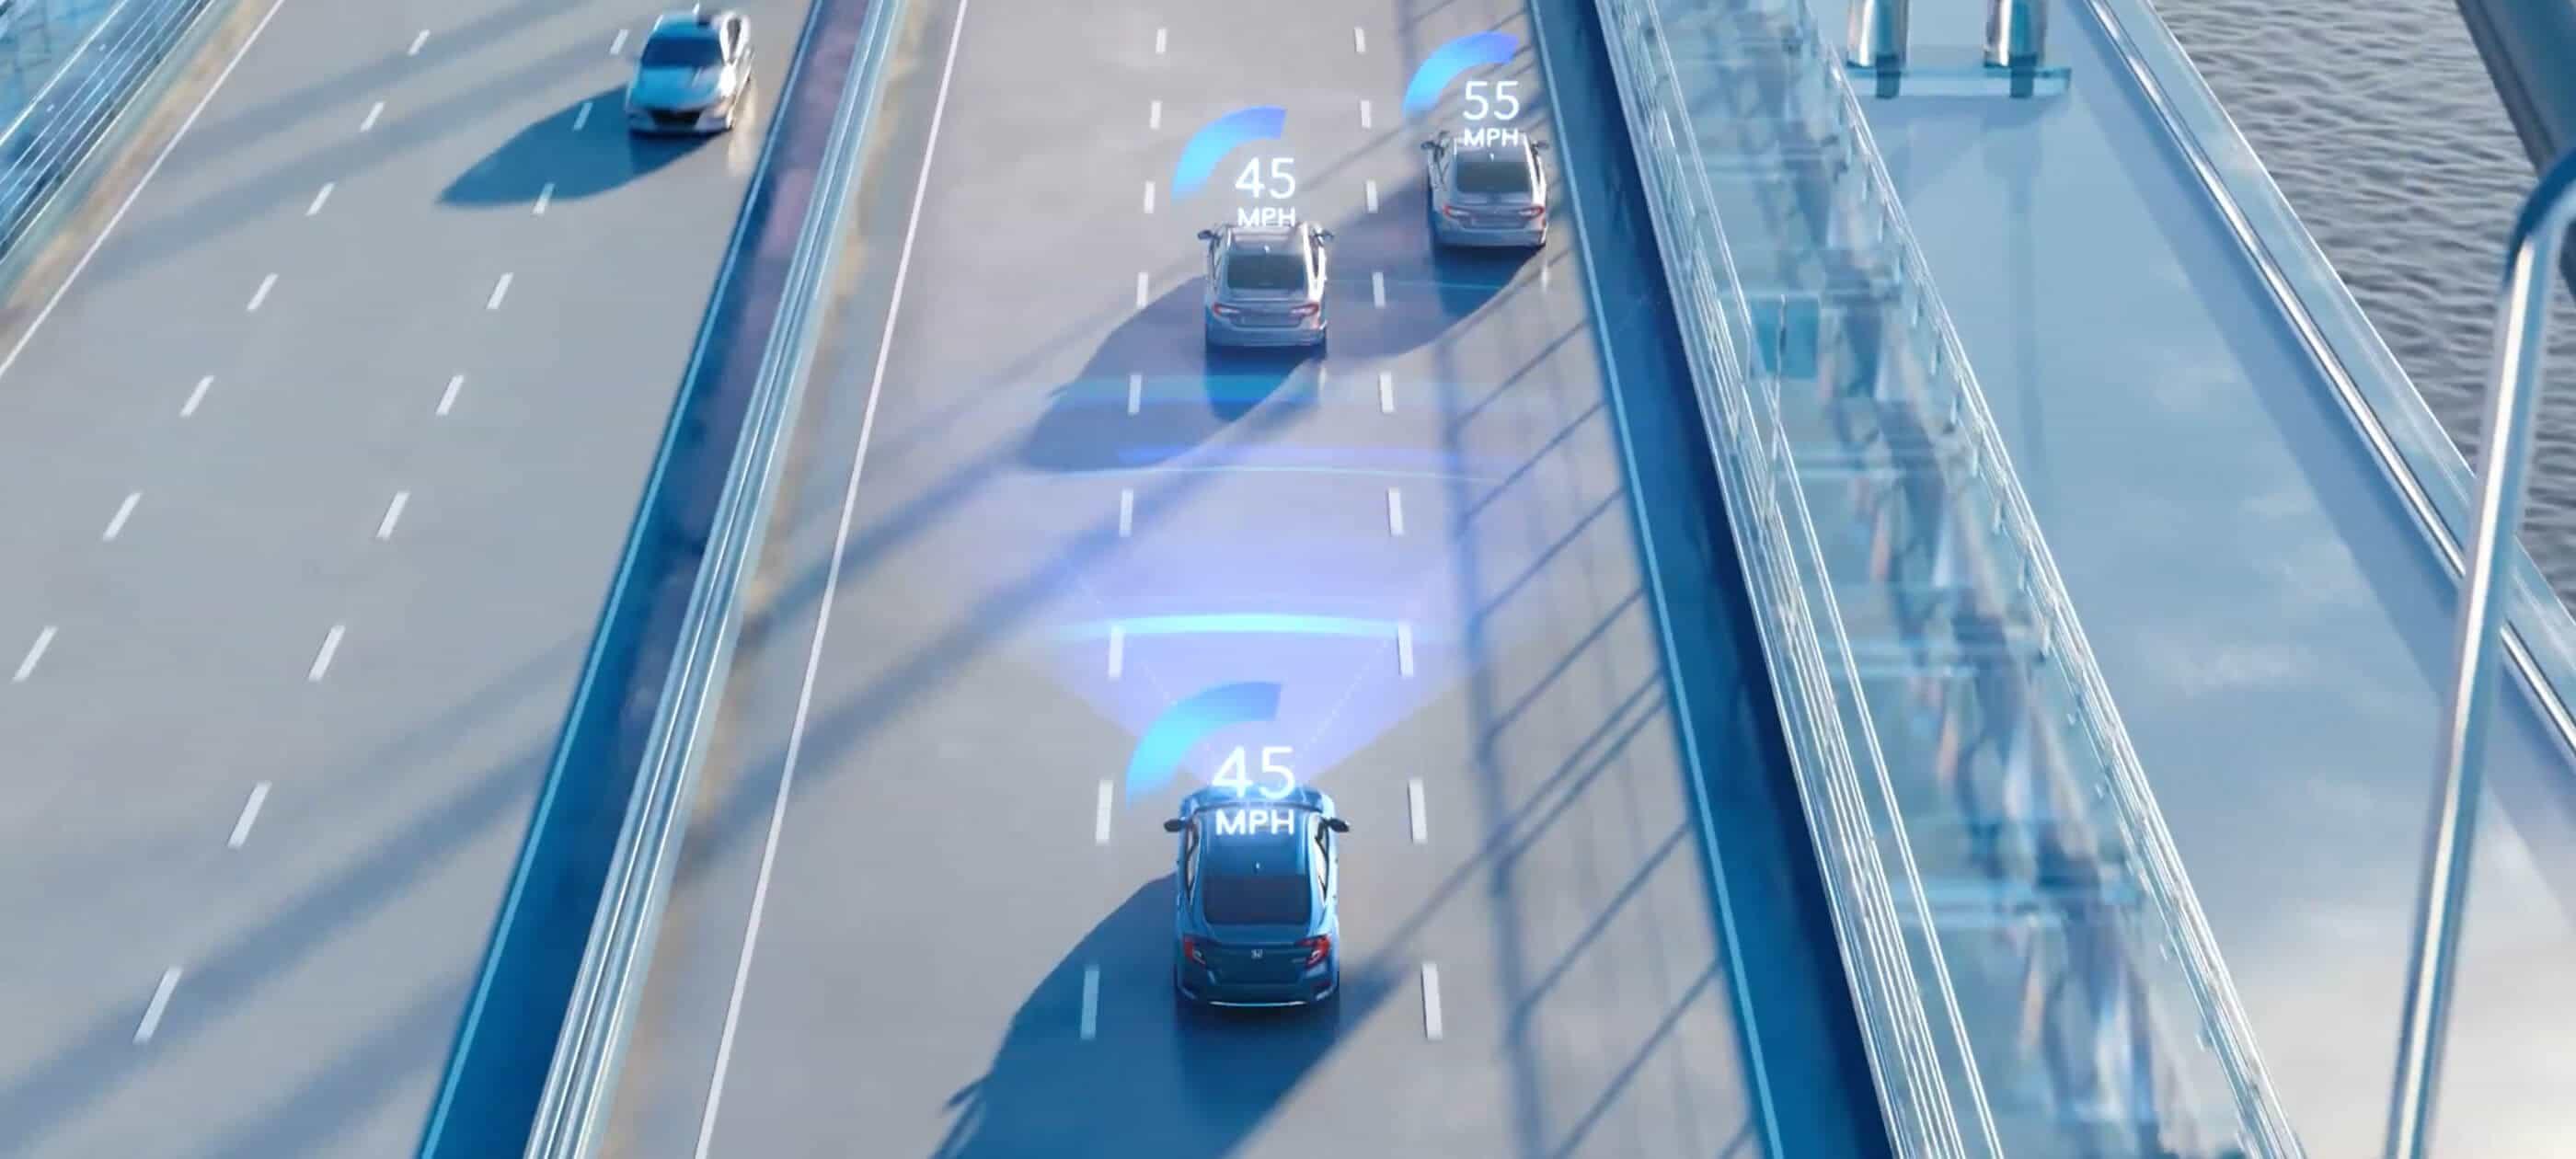 Control automático de crucero adaptable (ACC) con intervalos de velocidad reducida